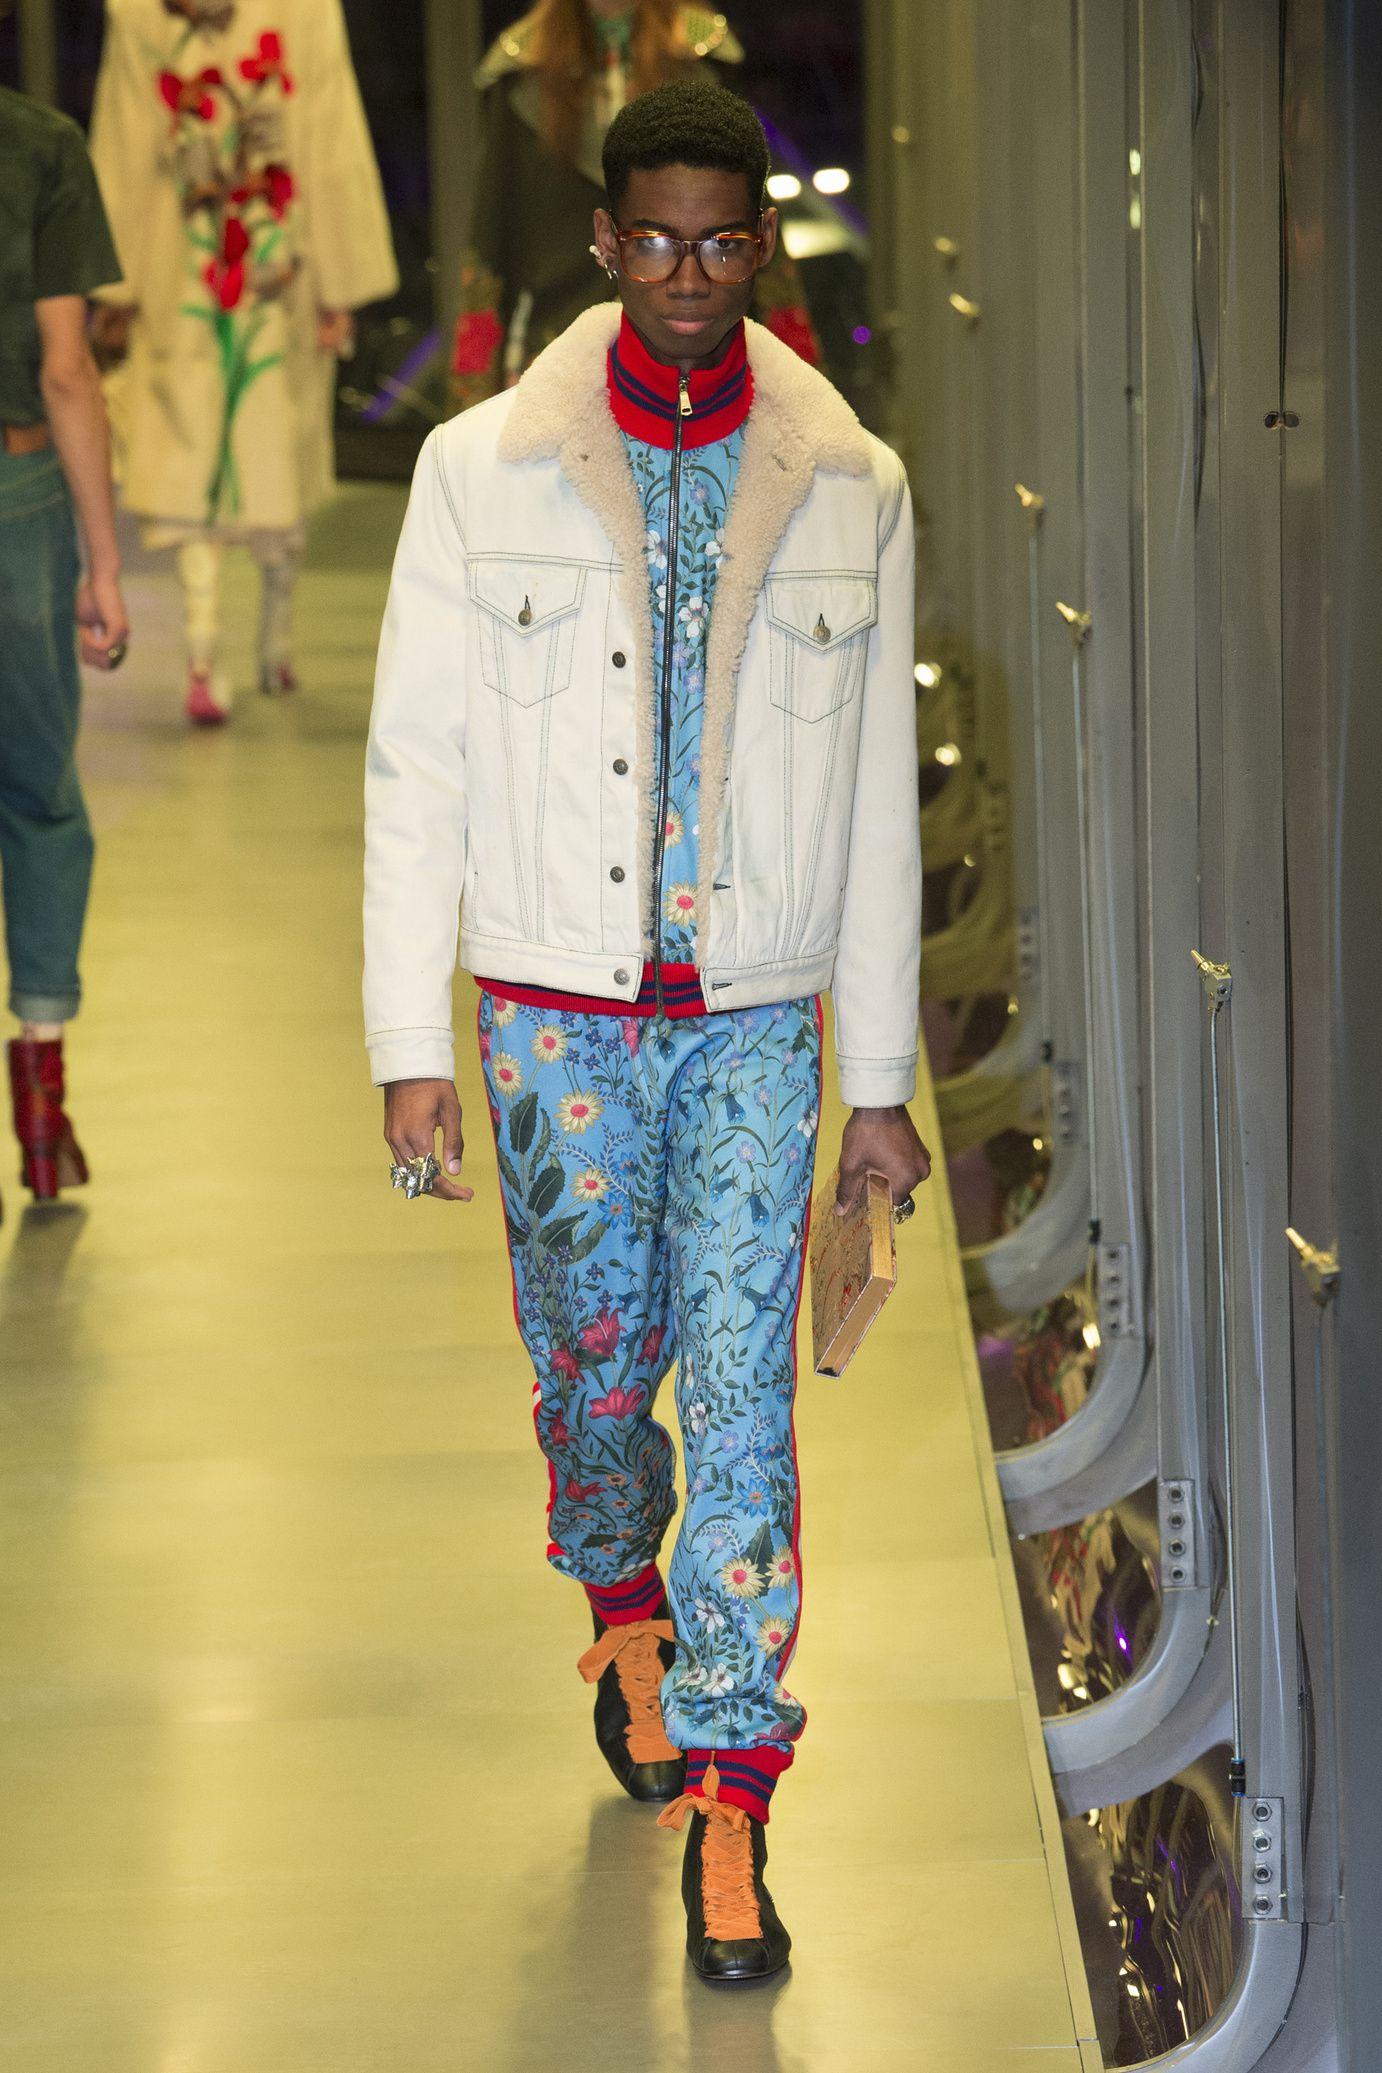 8a3725bd15ae6  DéfiléGucci  fashion  Koshchenets Défilé Gucci prêt-à-porter femme automne-hiver  2017-2018 100